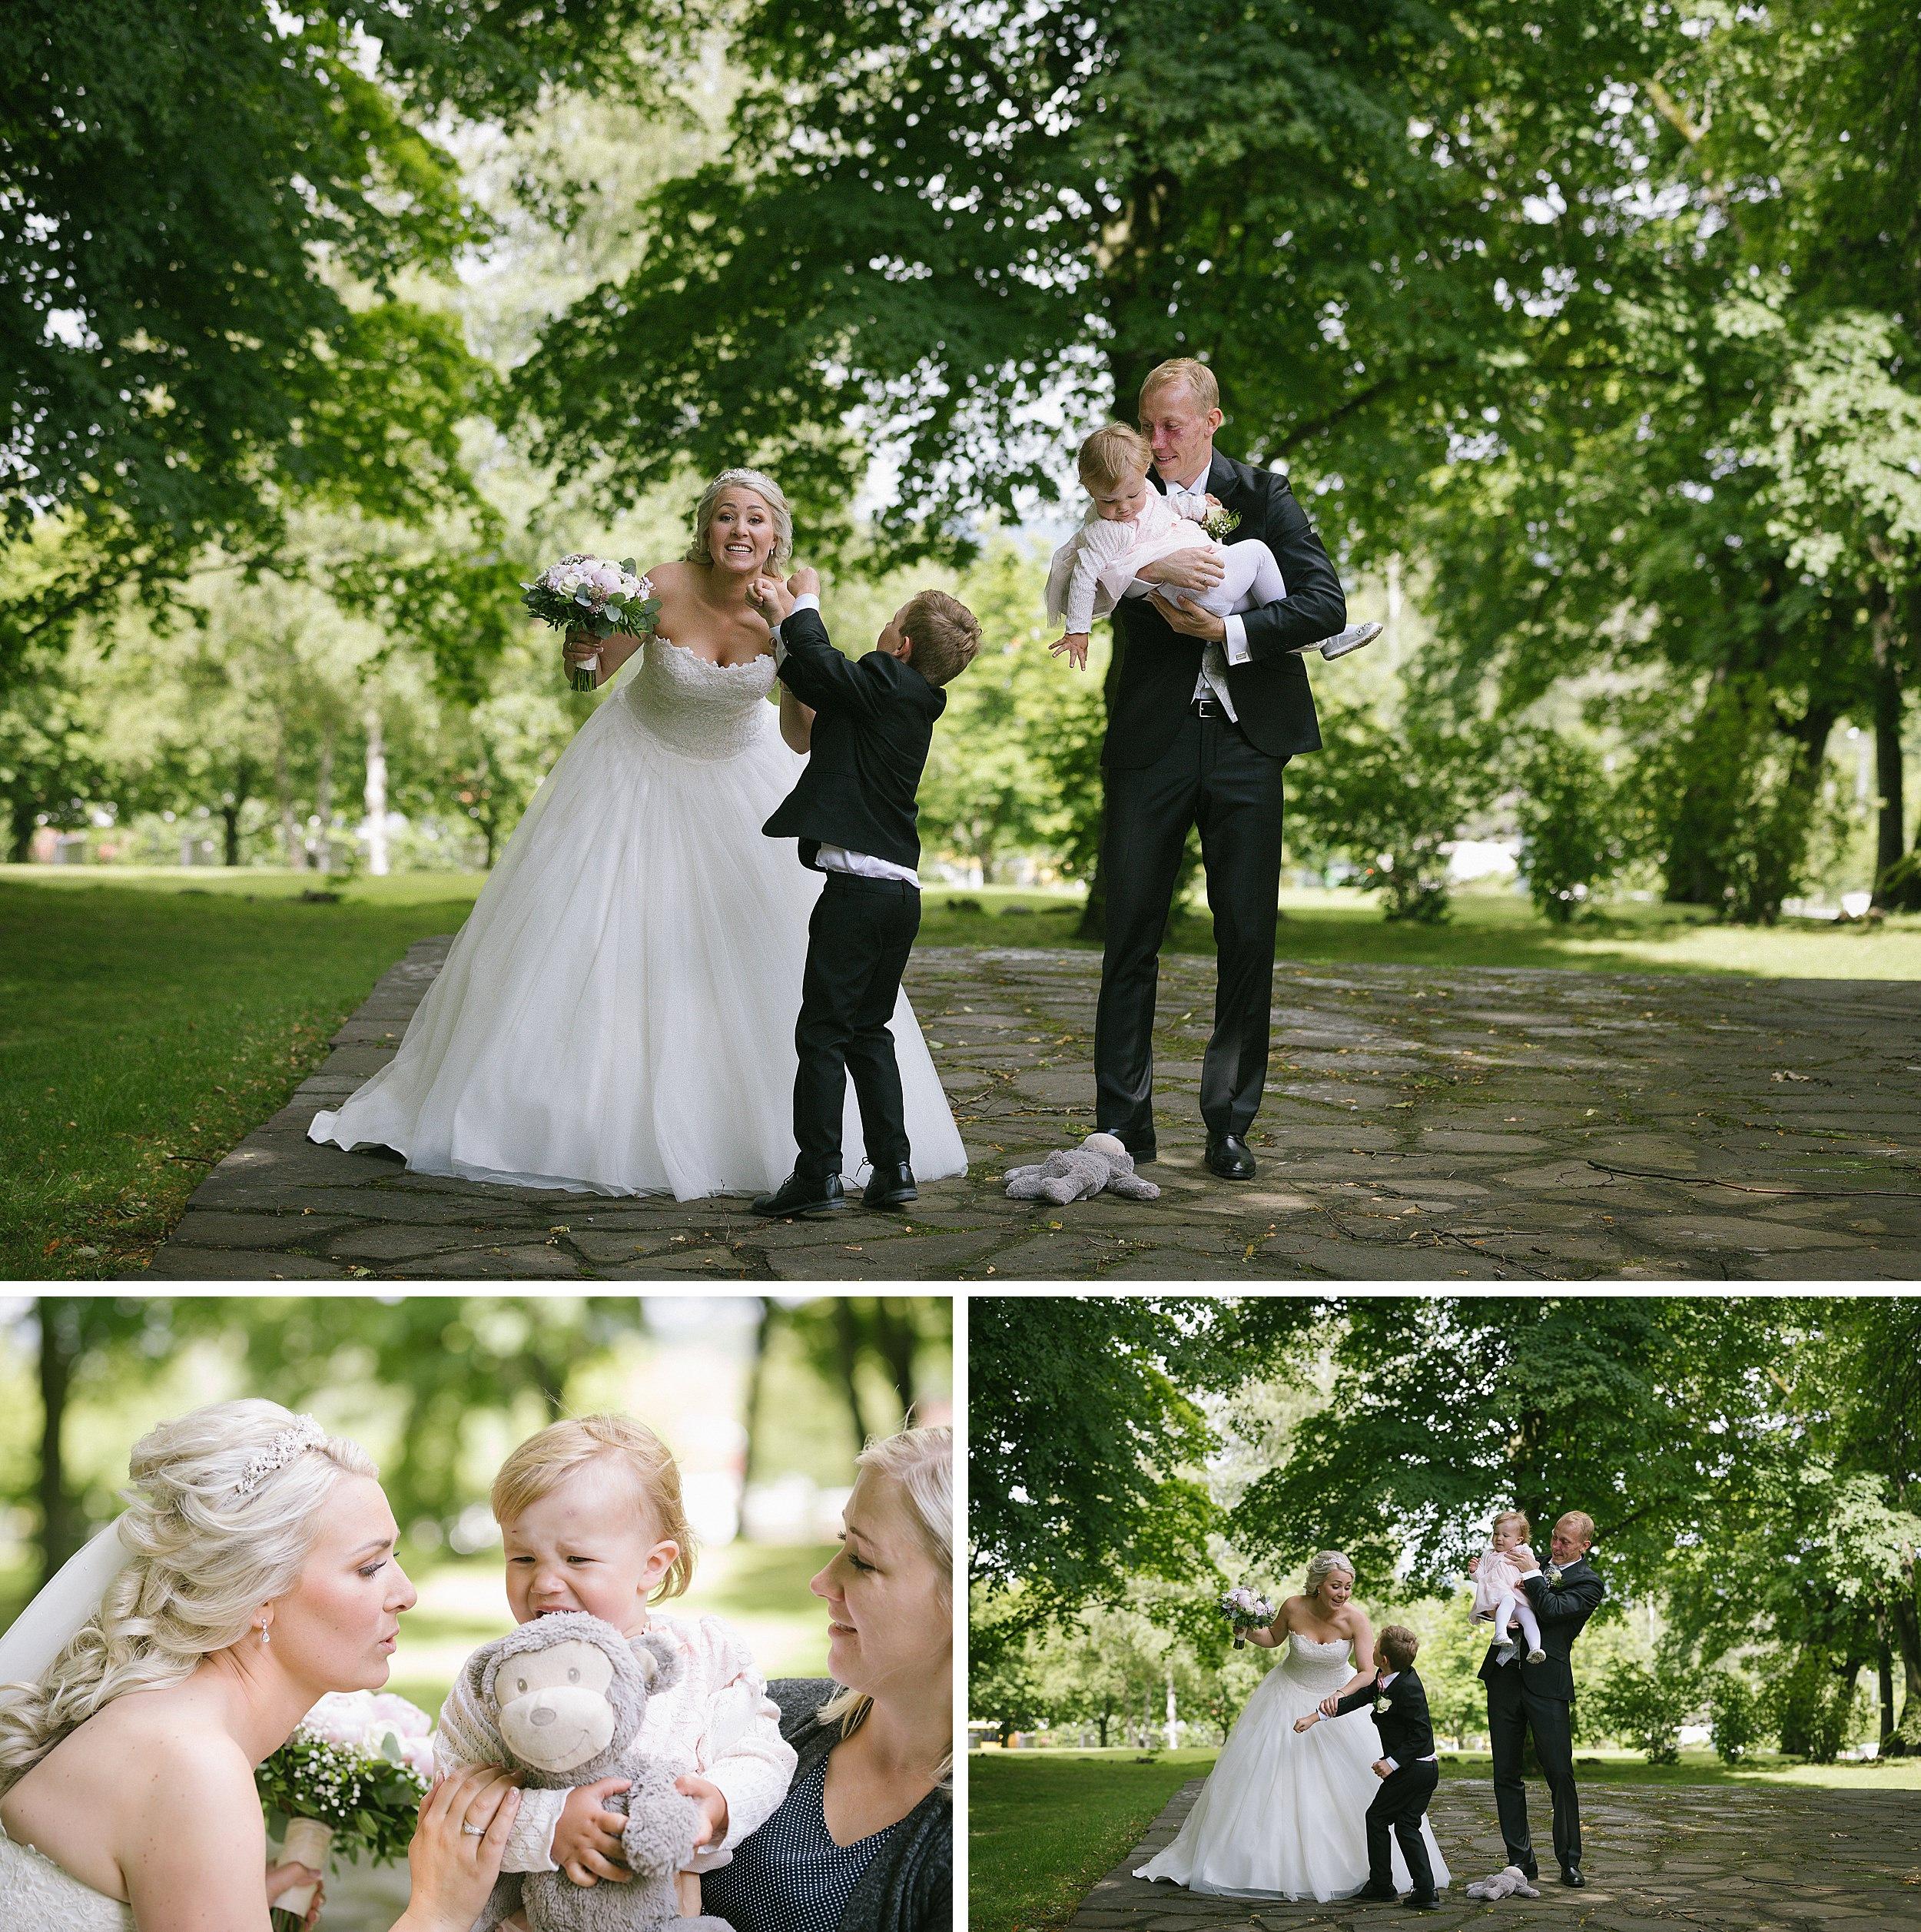 Heldags-bryllupsfoto-june-thomas_0029.jpg